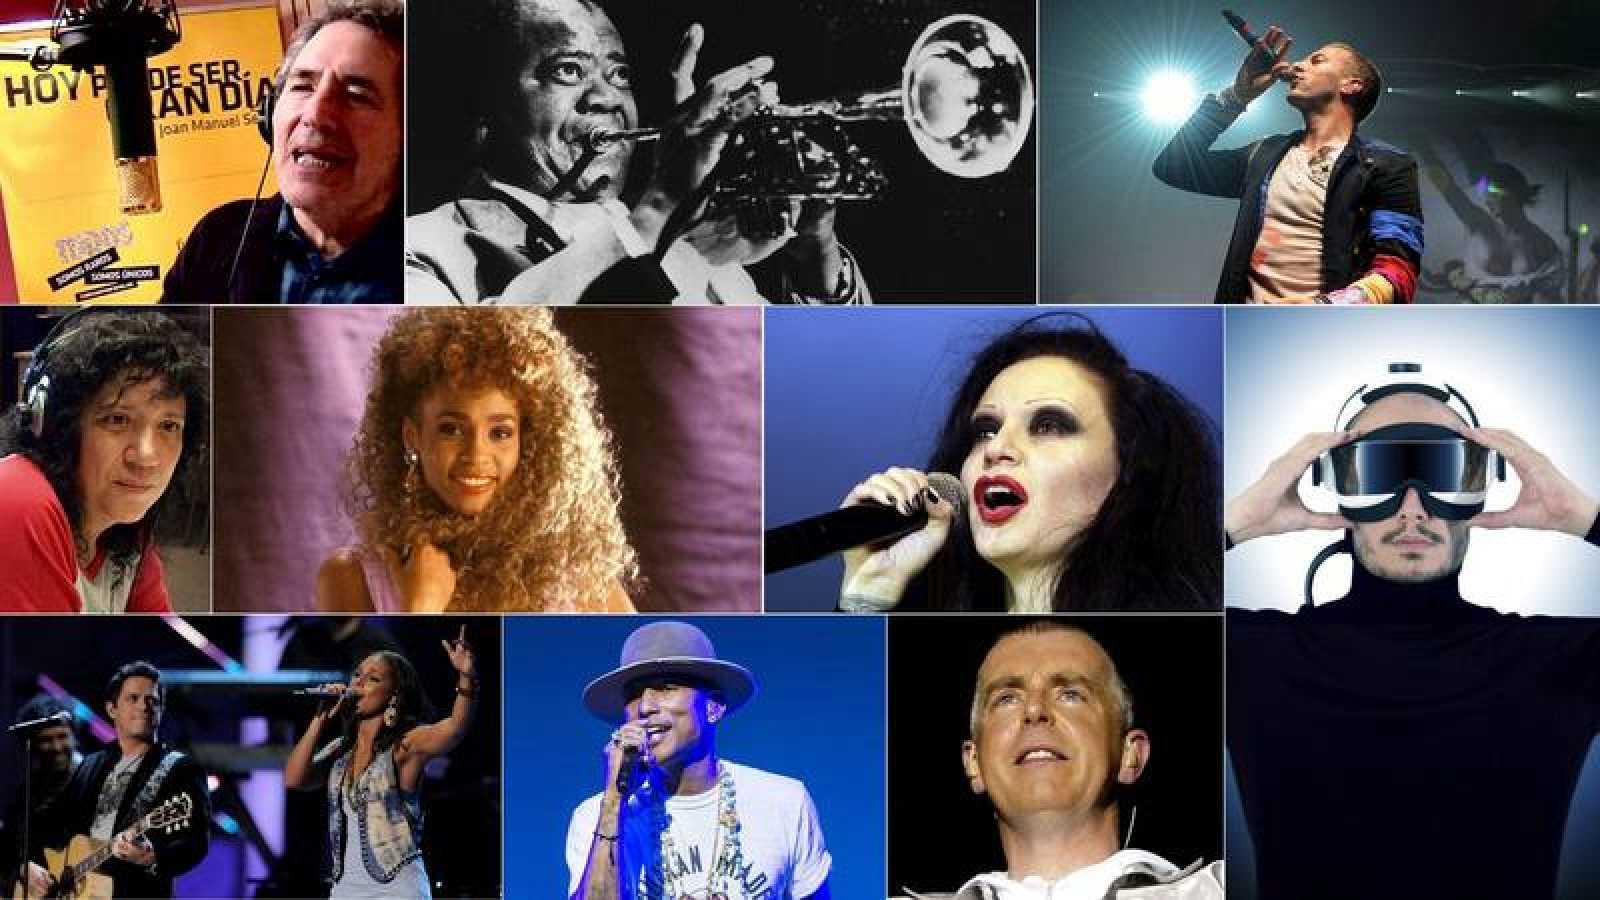 Motívate con canciones de Rosana, Fangoria, Coldplay y Pet Shop Boys, entre otros.